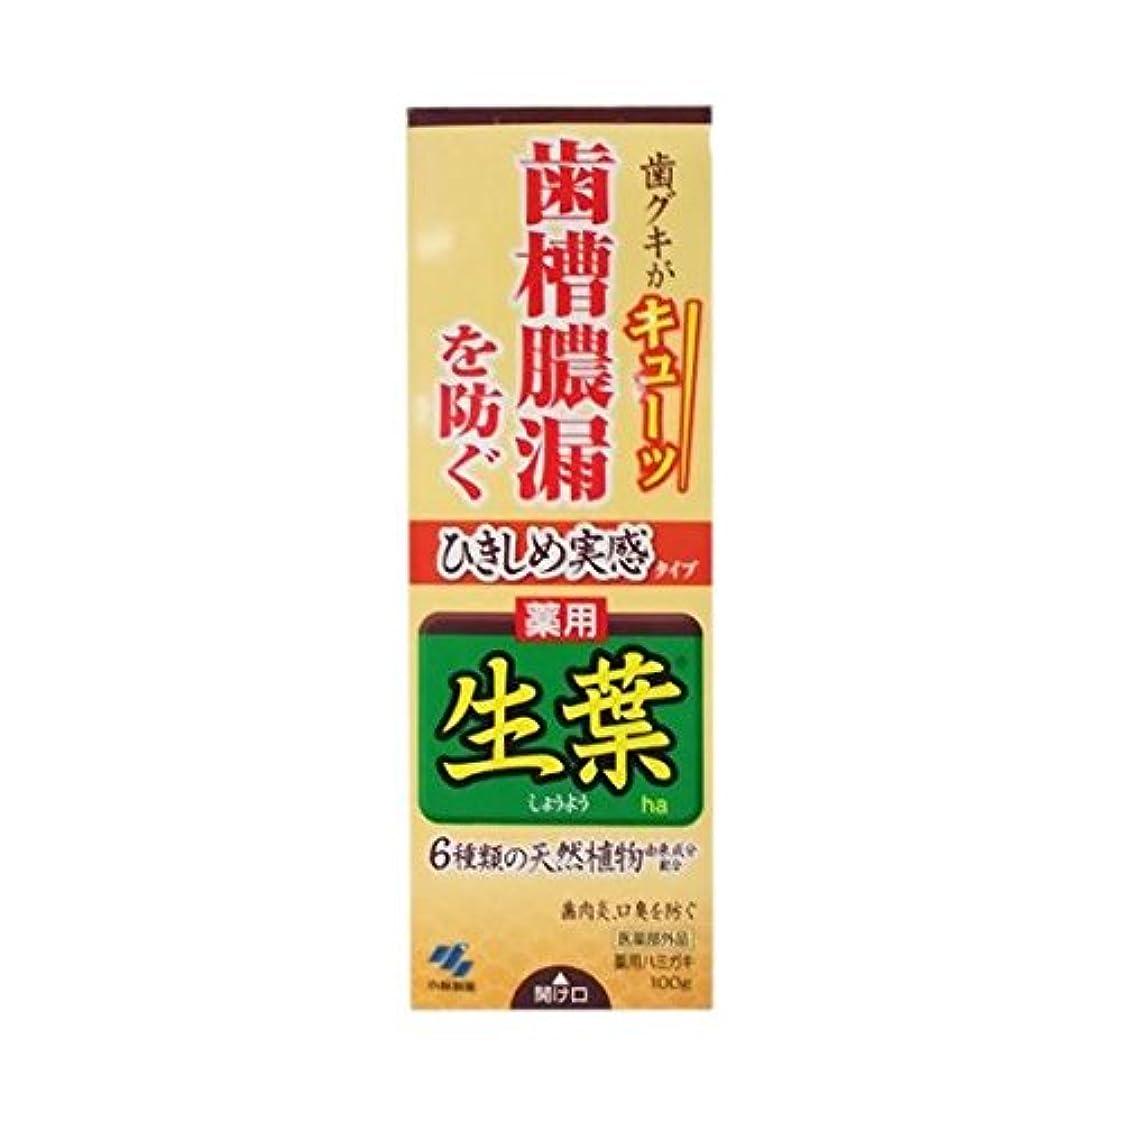 パンドレインつかむ【お徳用 3 セット】 ひきしめ生葉 100g×3セット